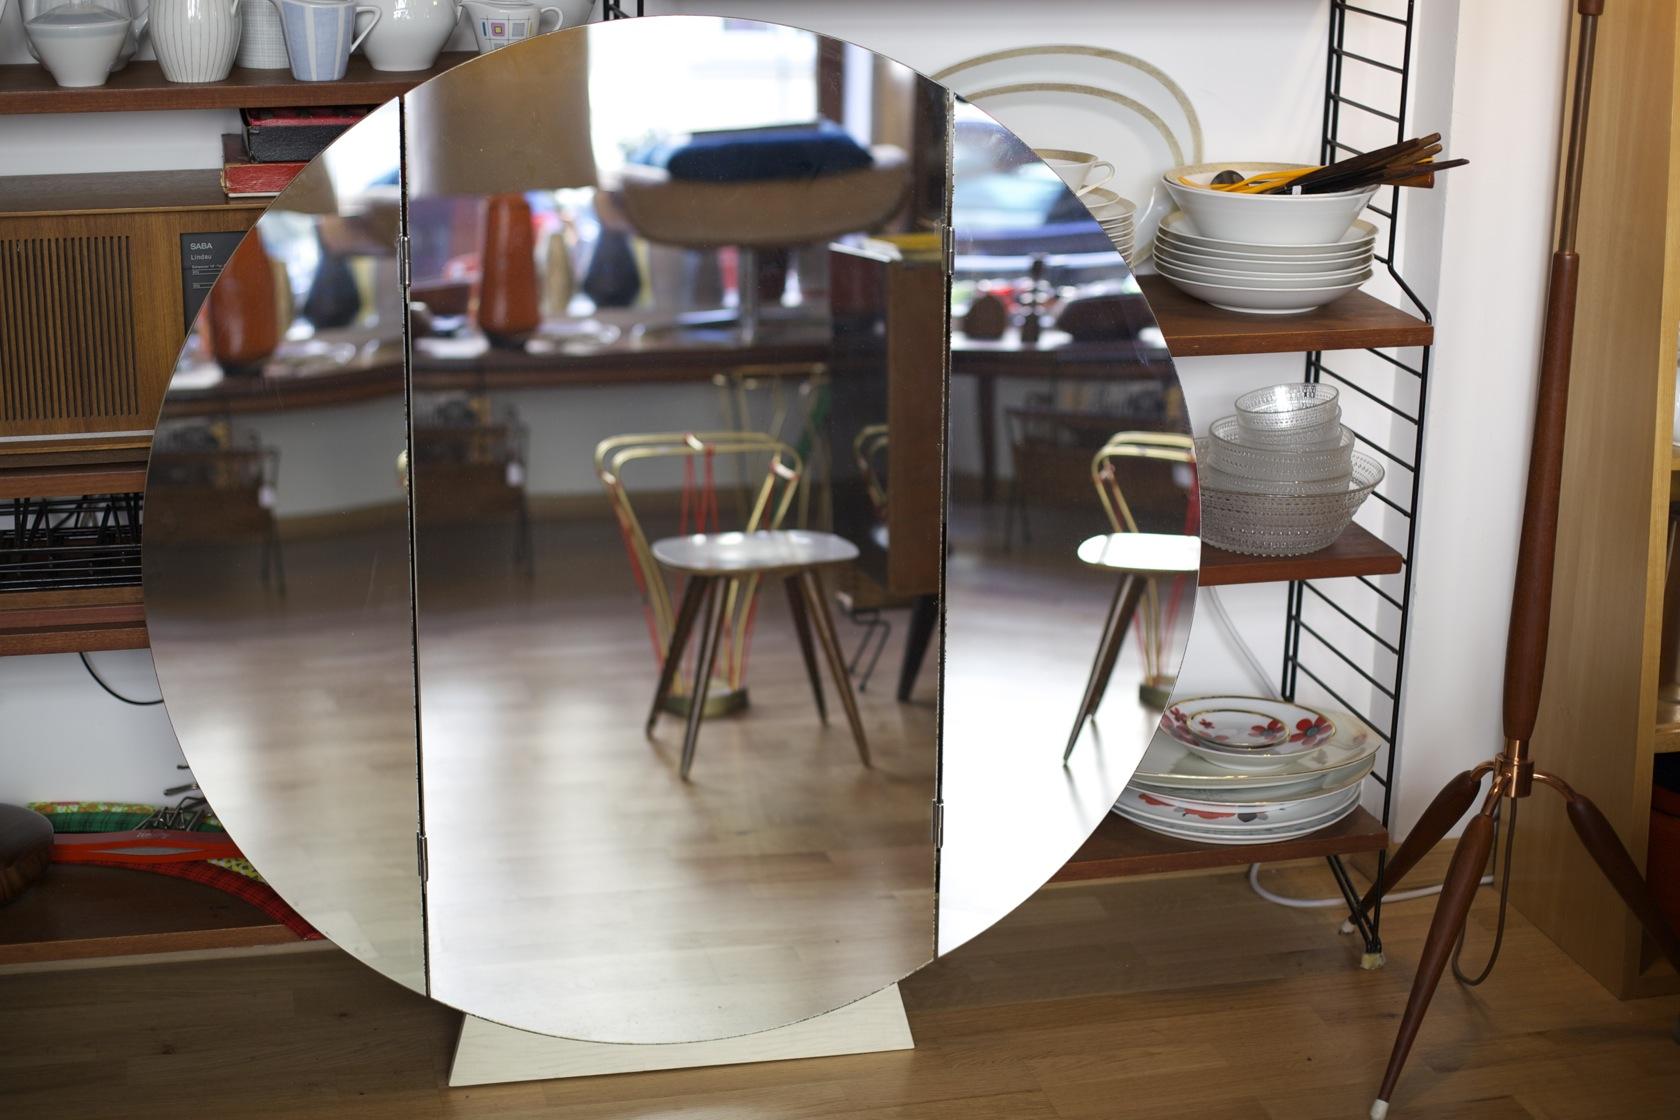 ungew hnlicher klappspiegel raumwunder vintage wohnen in n rnberg. Black Bedroom Furniture Sets. Home Design Ideas